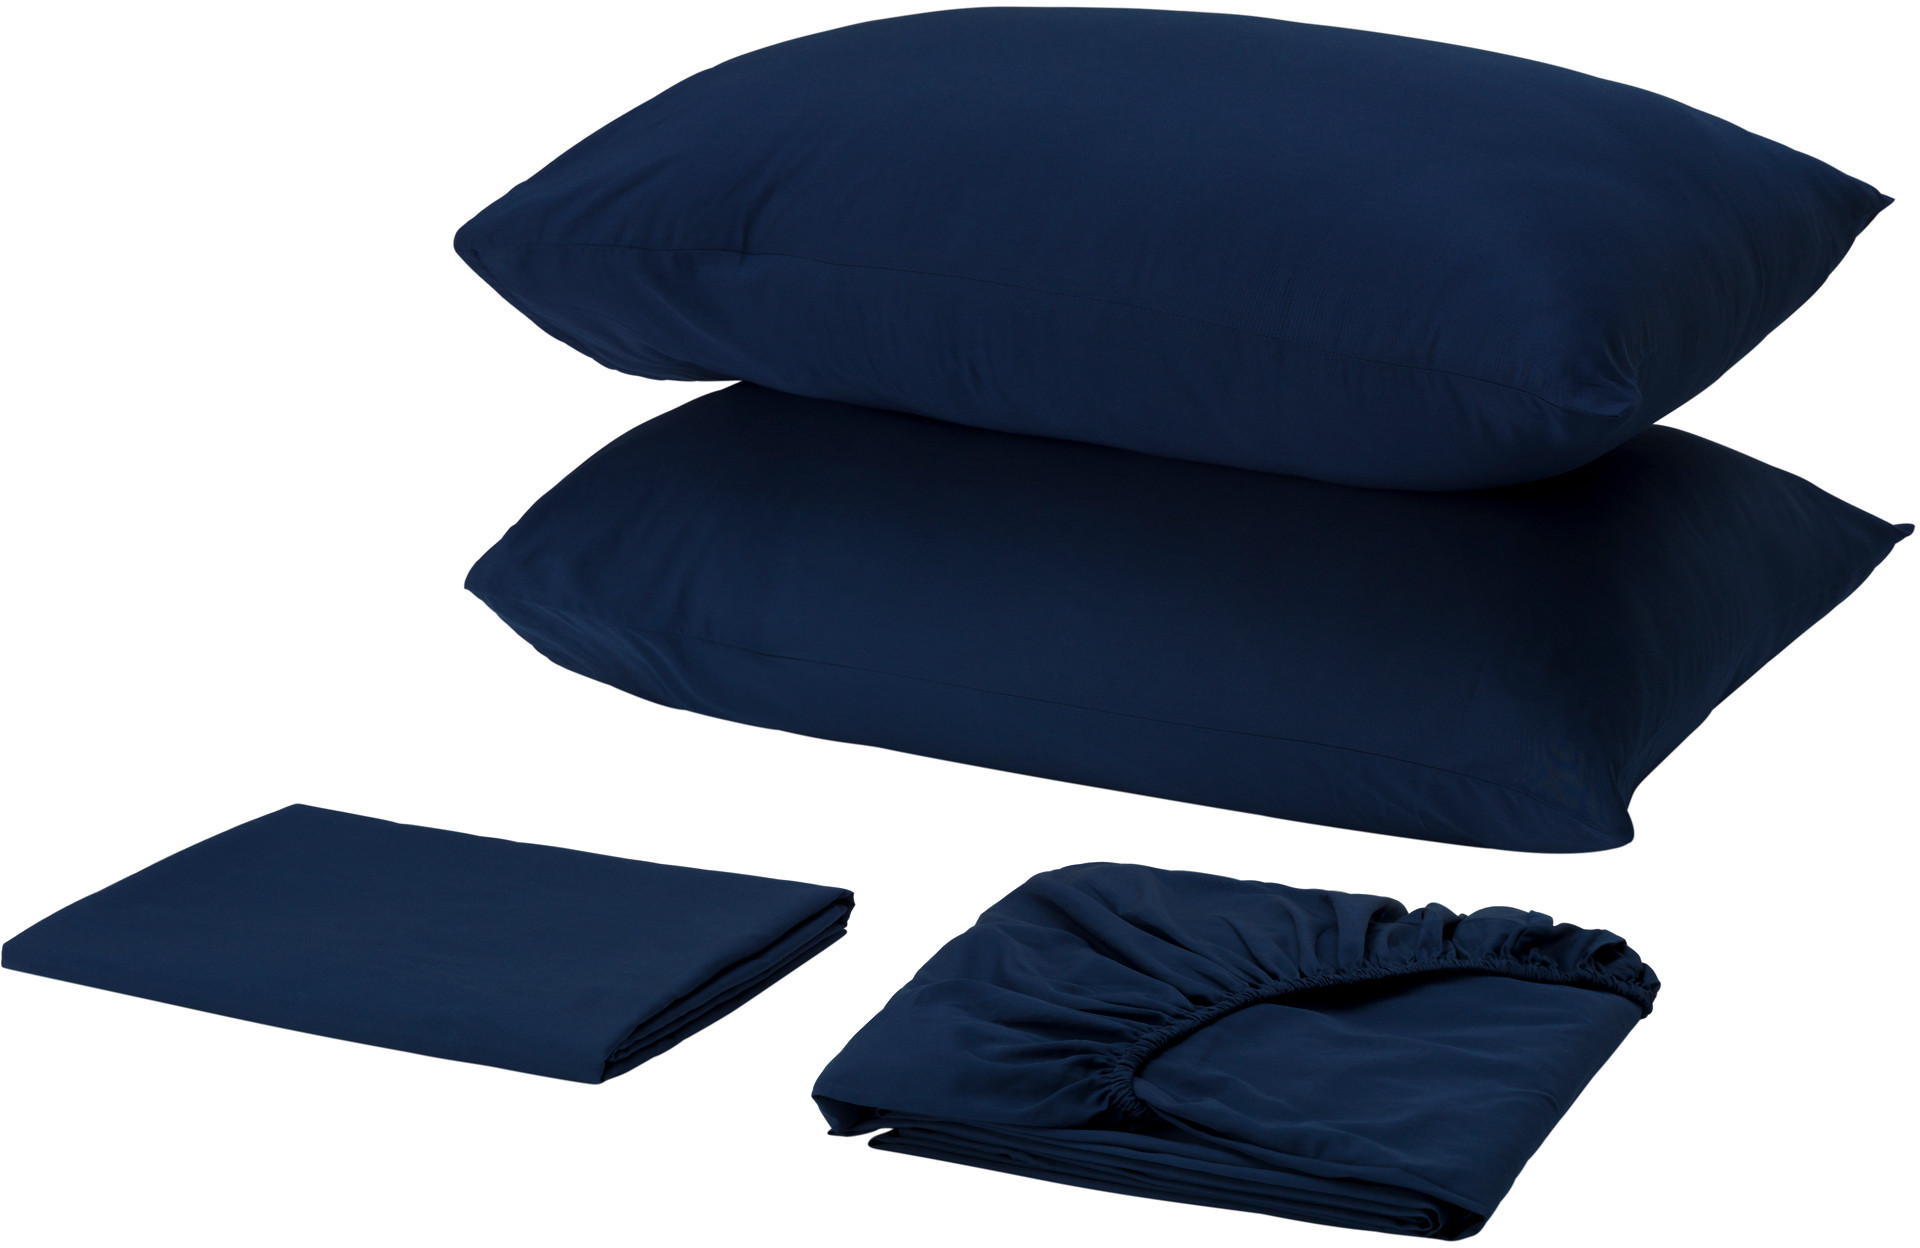 SKVATTRAM Sheet set - Queen - IKEA